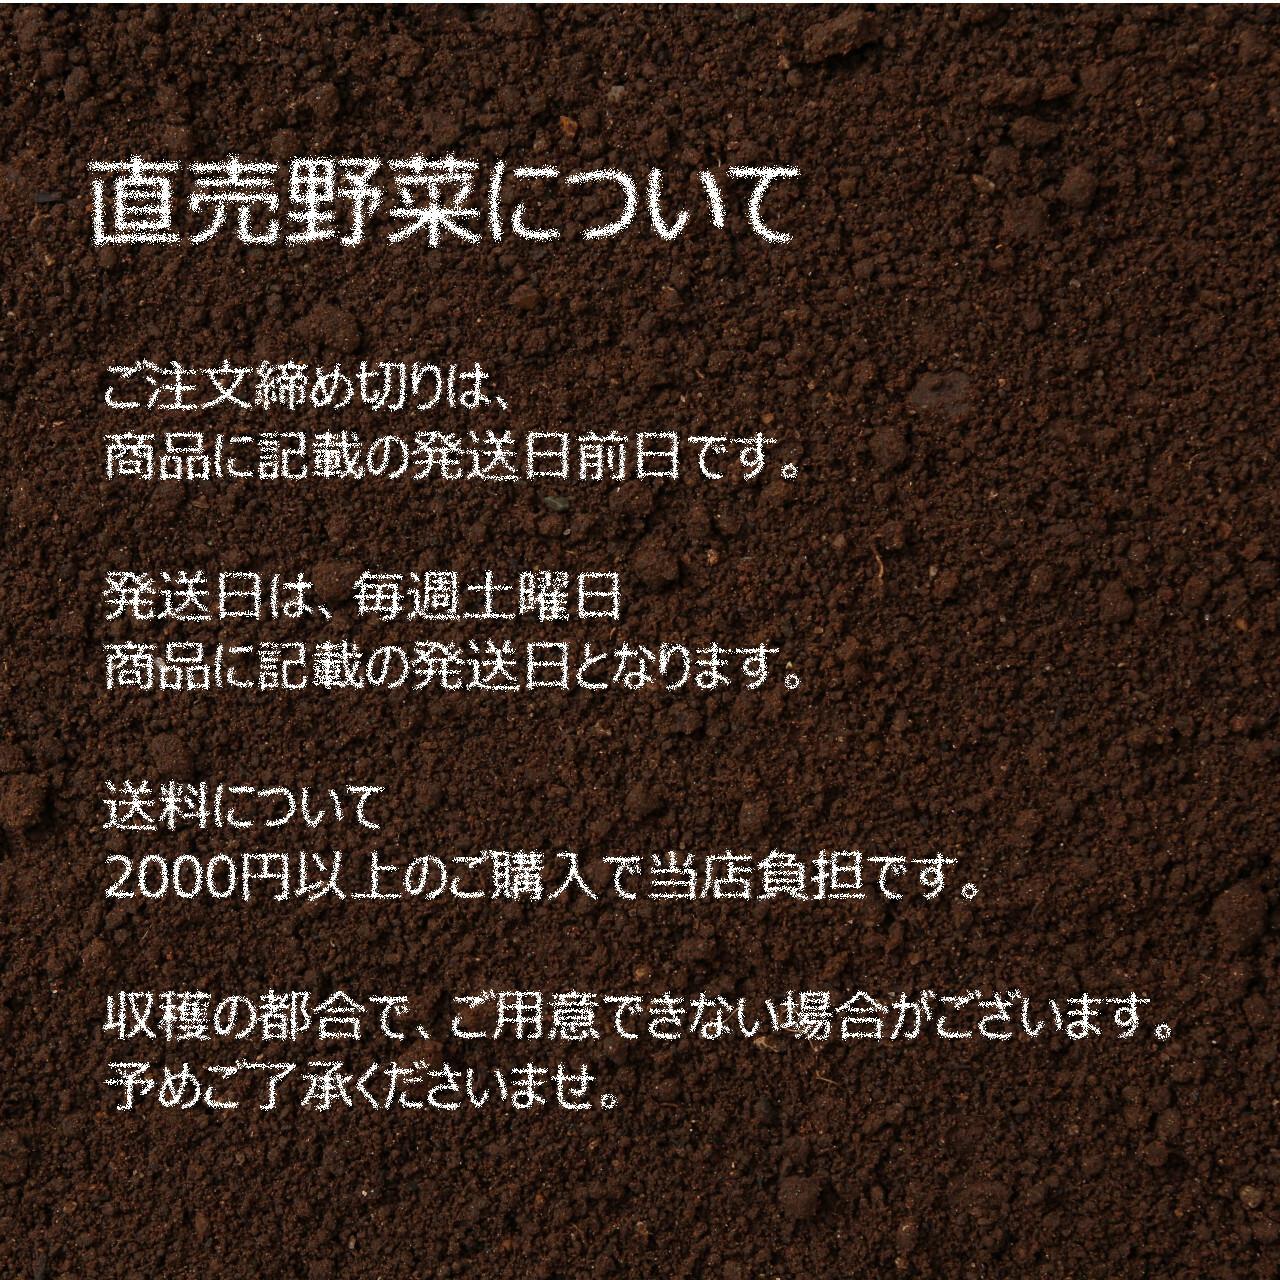 新鮮な夏野菜 : キュウリ 3~4本  8月の朝採り直売野菜 8月29日発送予定